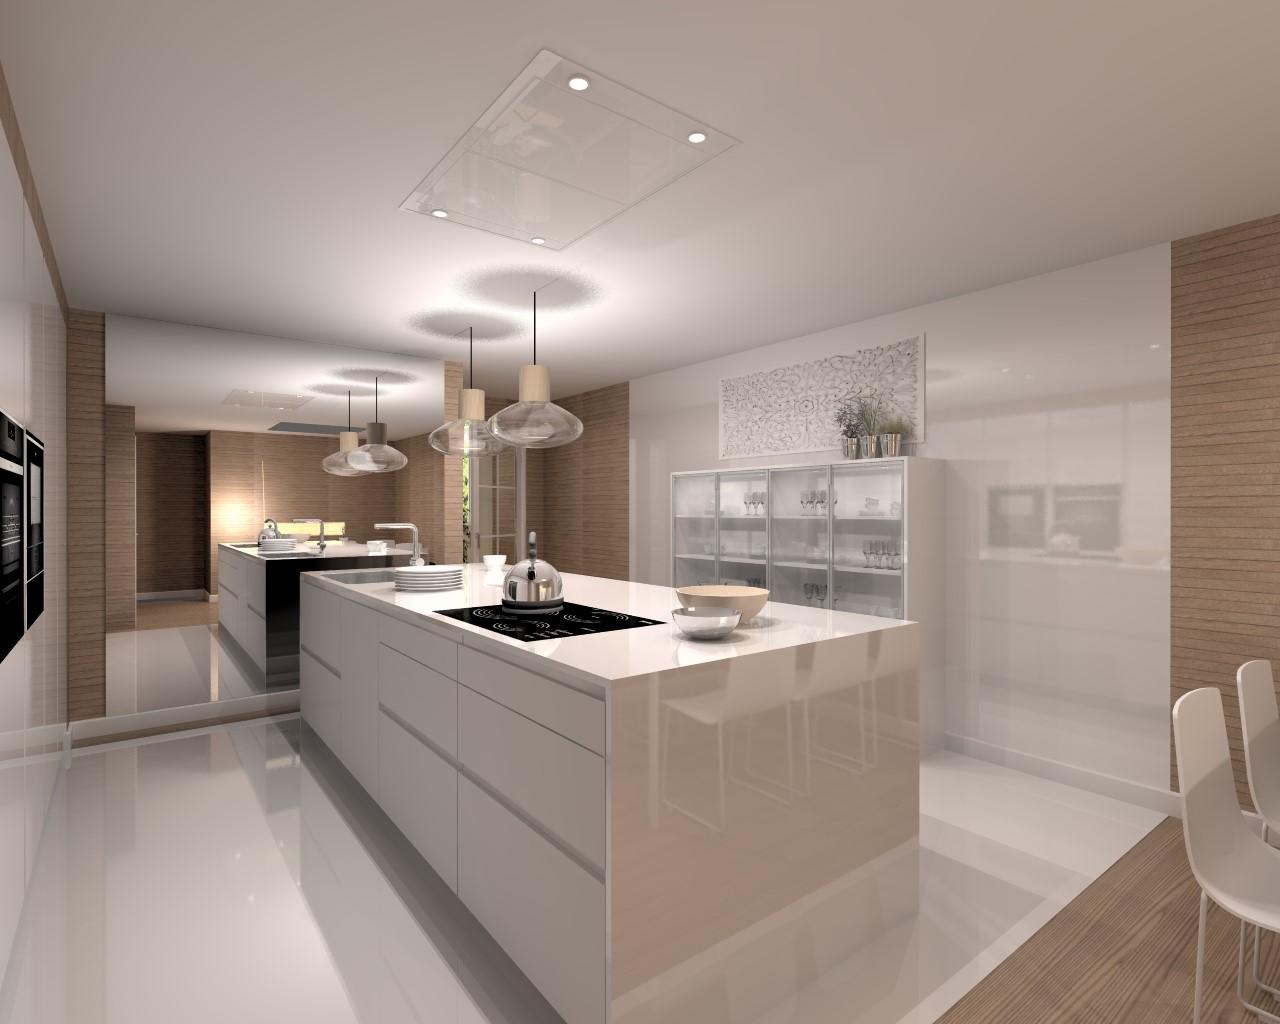 Proyectos de cocinas docrys cocinas - Encimera silestone blanco ...